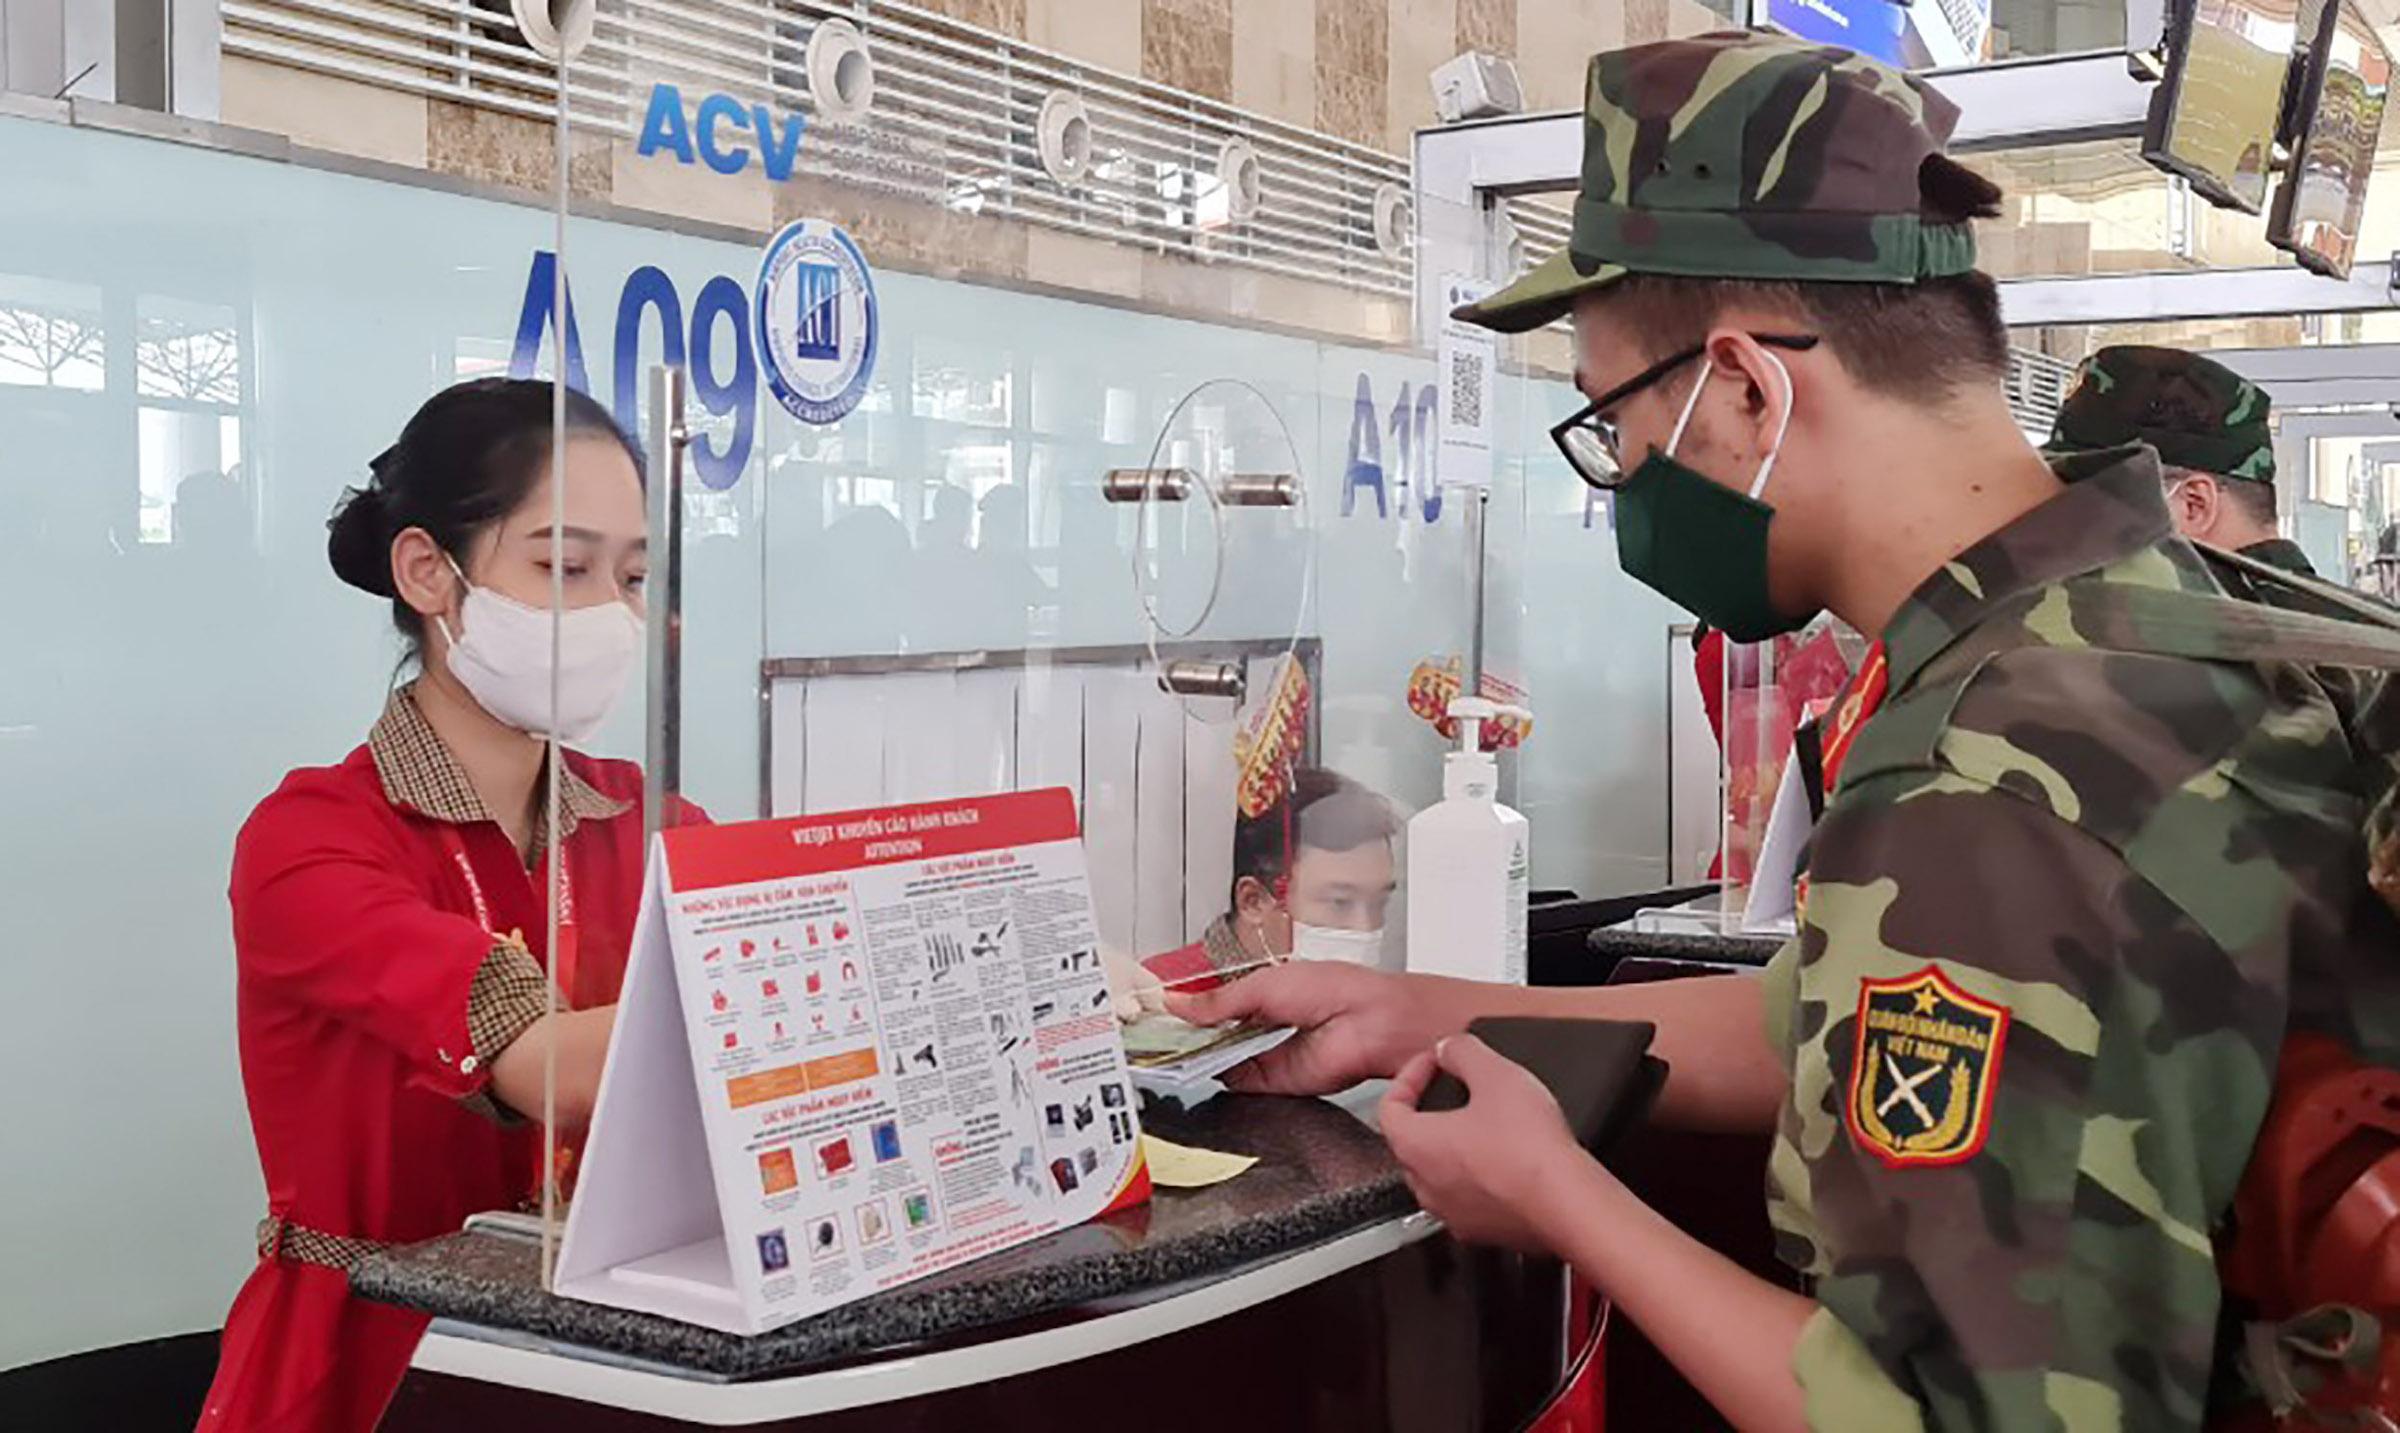 Hệ thống quầy làm thủ tục của Vietjet tại sân bay Nội Bài được lắp đặt kính chống giọt bắn để phòng chống dịch. Ảnh: Đoàn Khánh